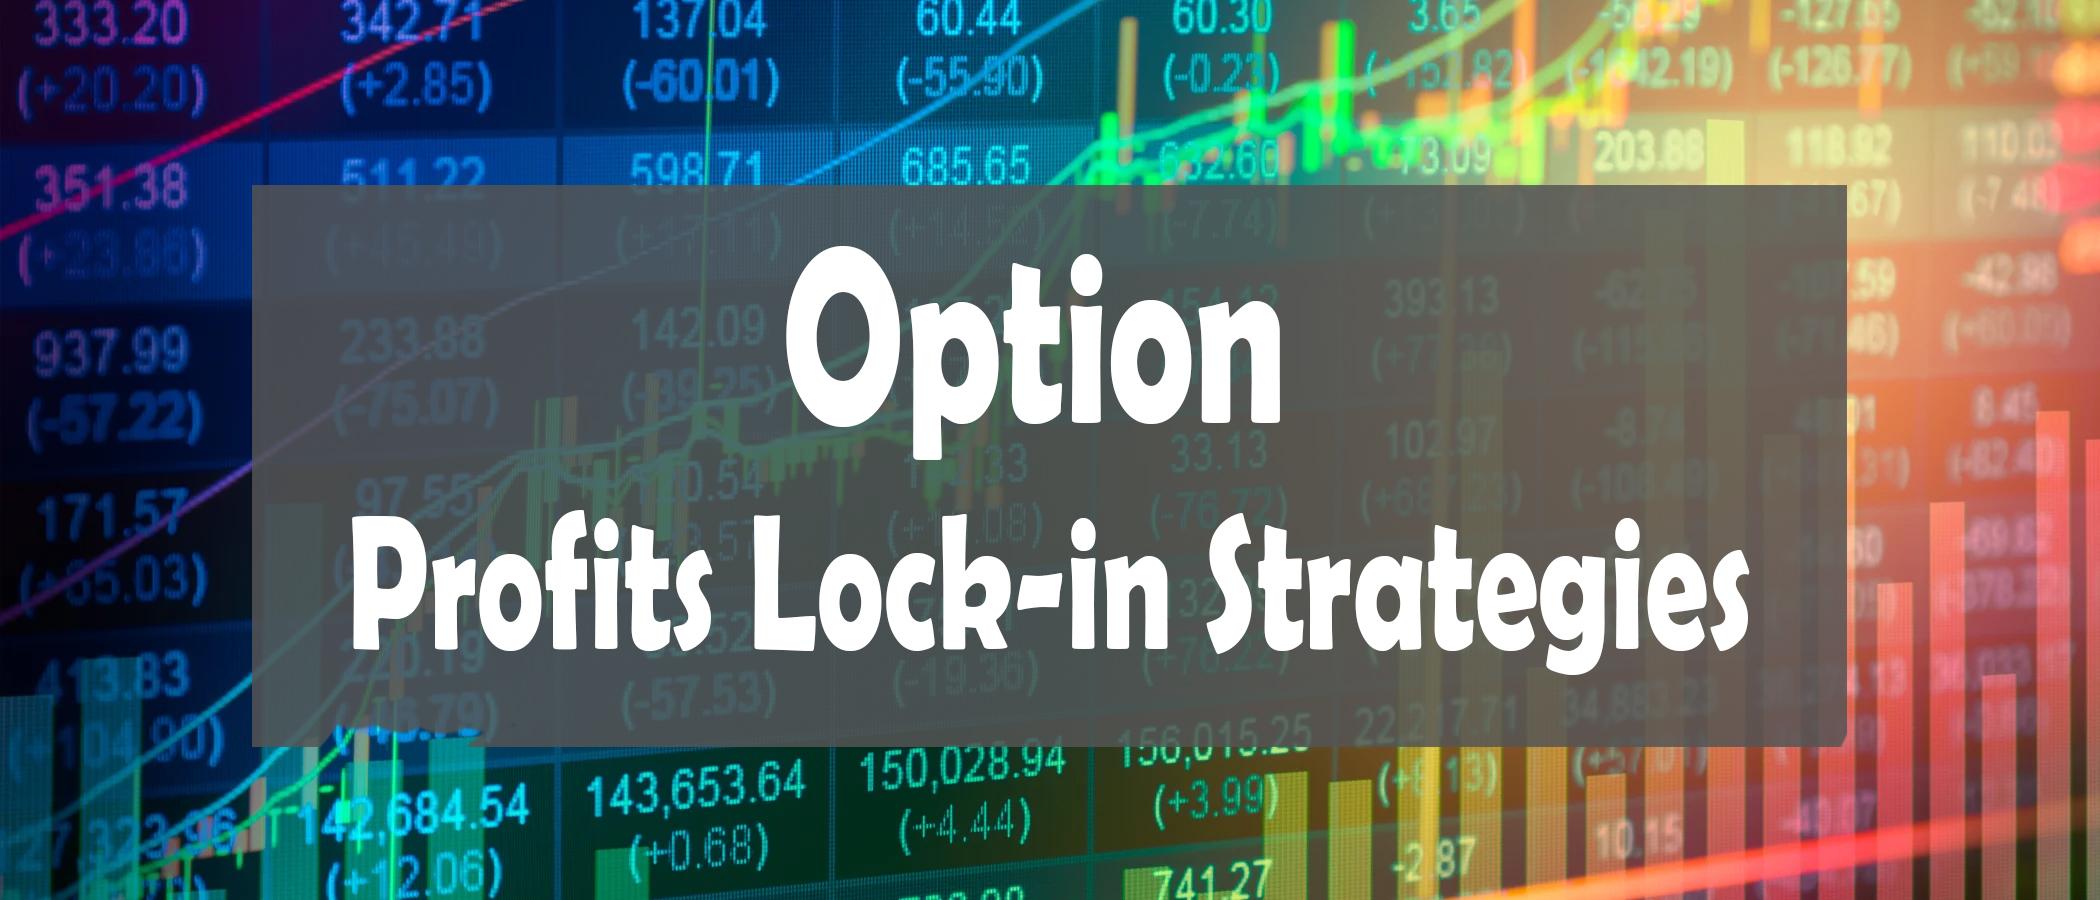 本文介紹透過期權鎖定利潤有哪些方法,這也是投資期權相比起股票獨有的優勢,這裏涉及一些相對較進階的期權操作策略。